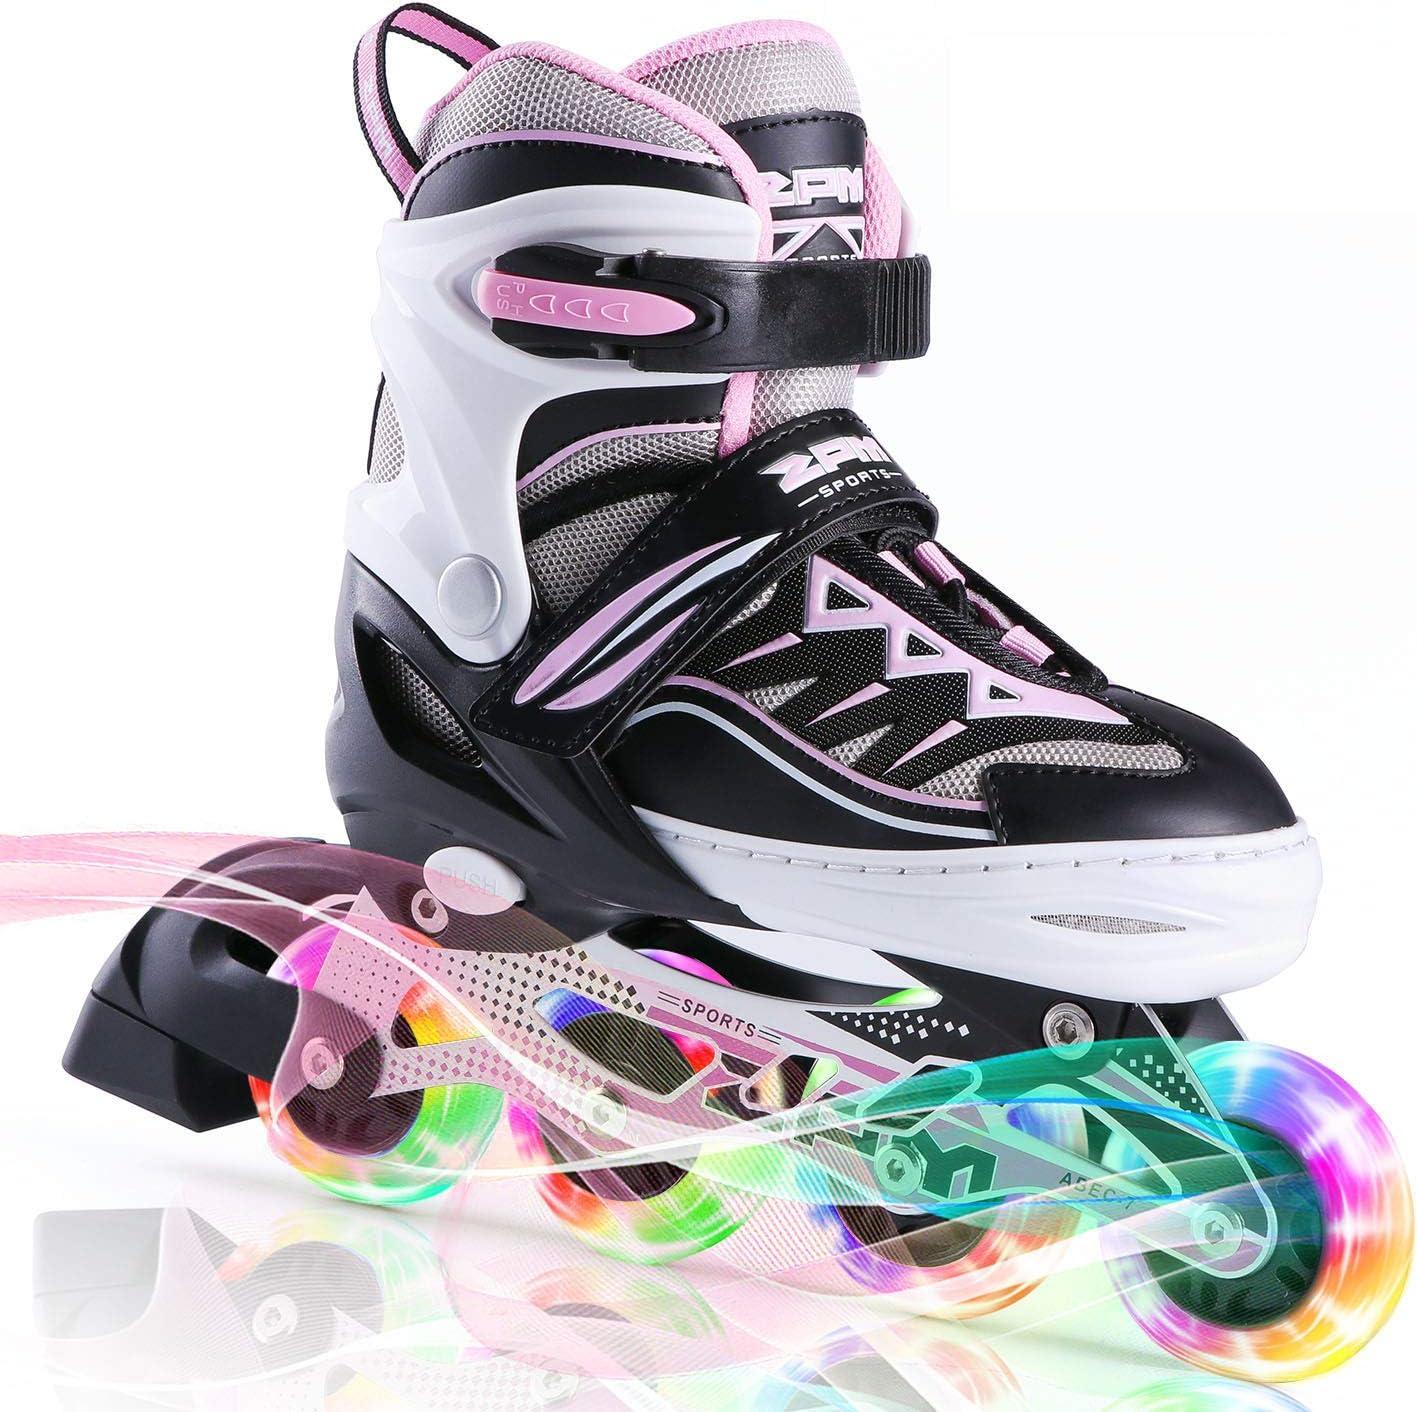 下午2点运动可调节溜冰鞋